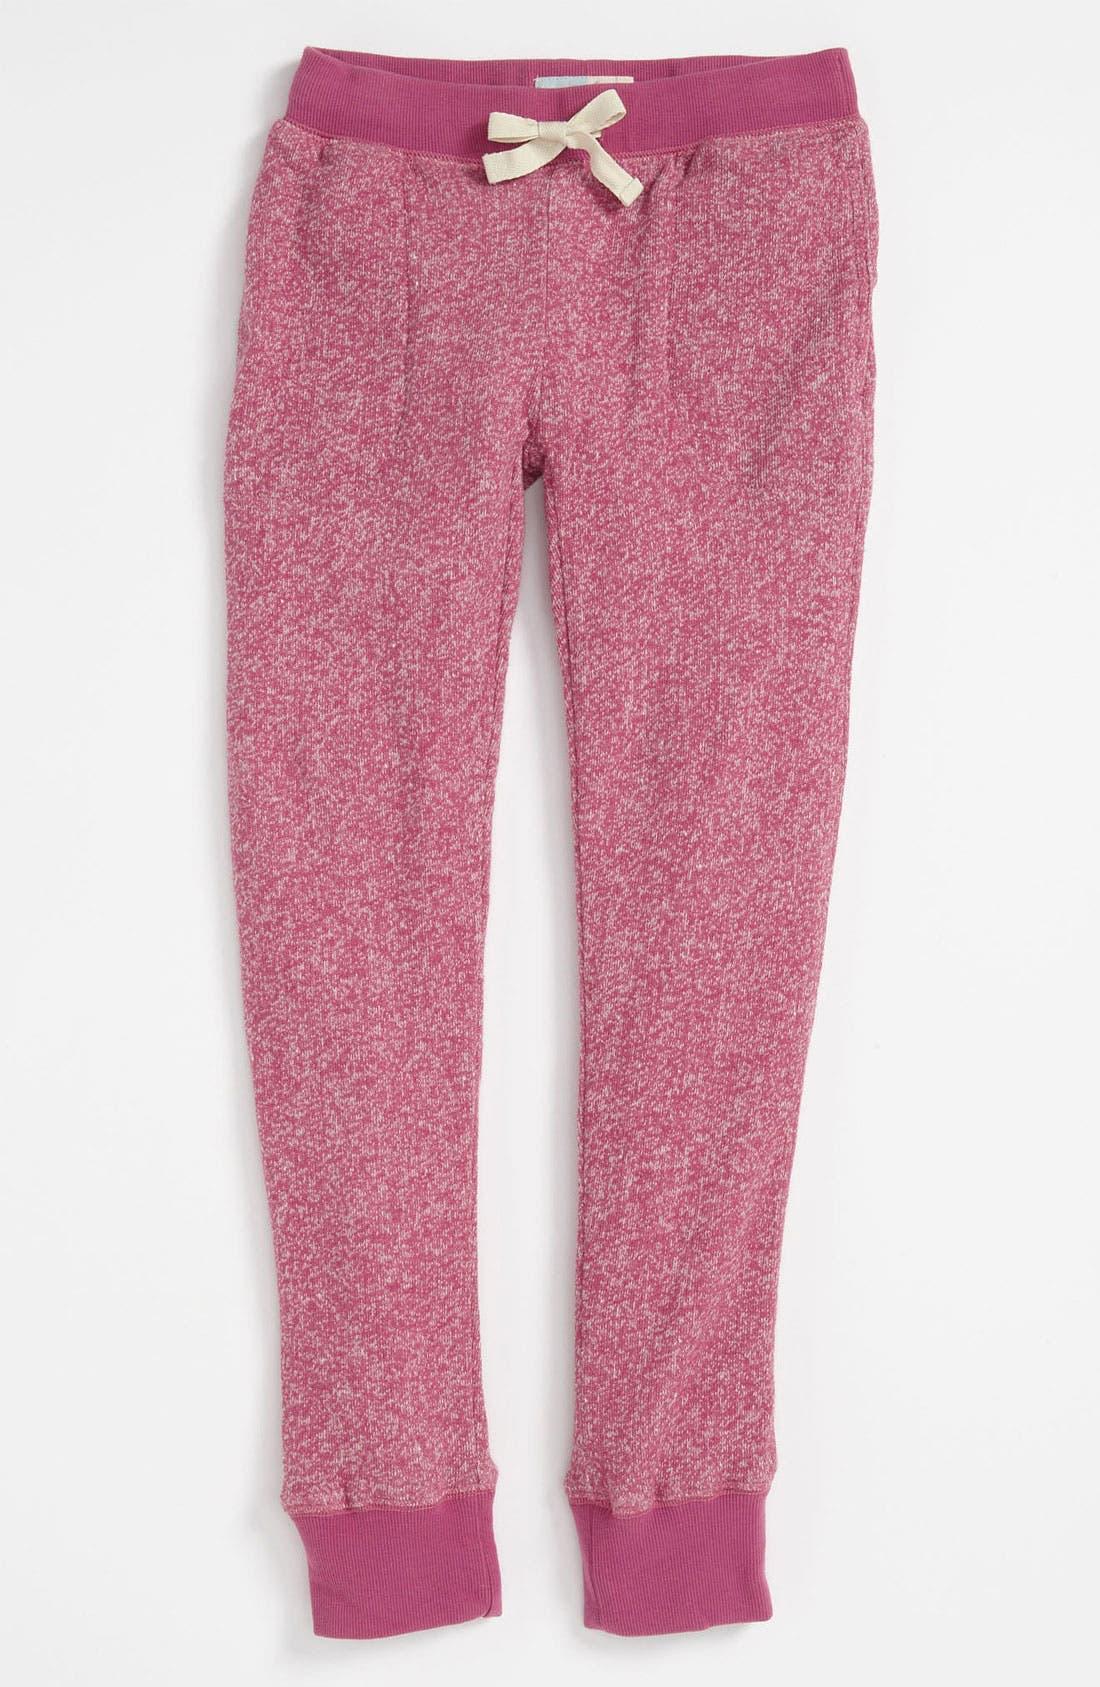 Main Image - Peek 'Luxury' Pants (Toddler, Little Girls & Big Girls)